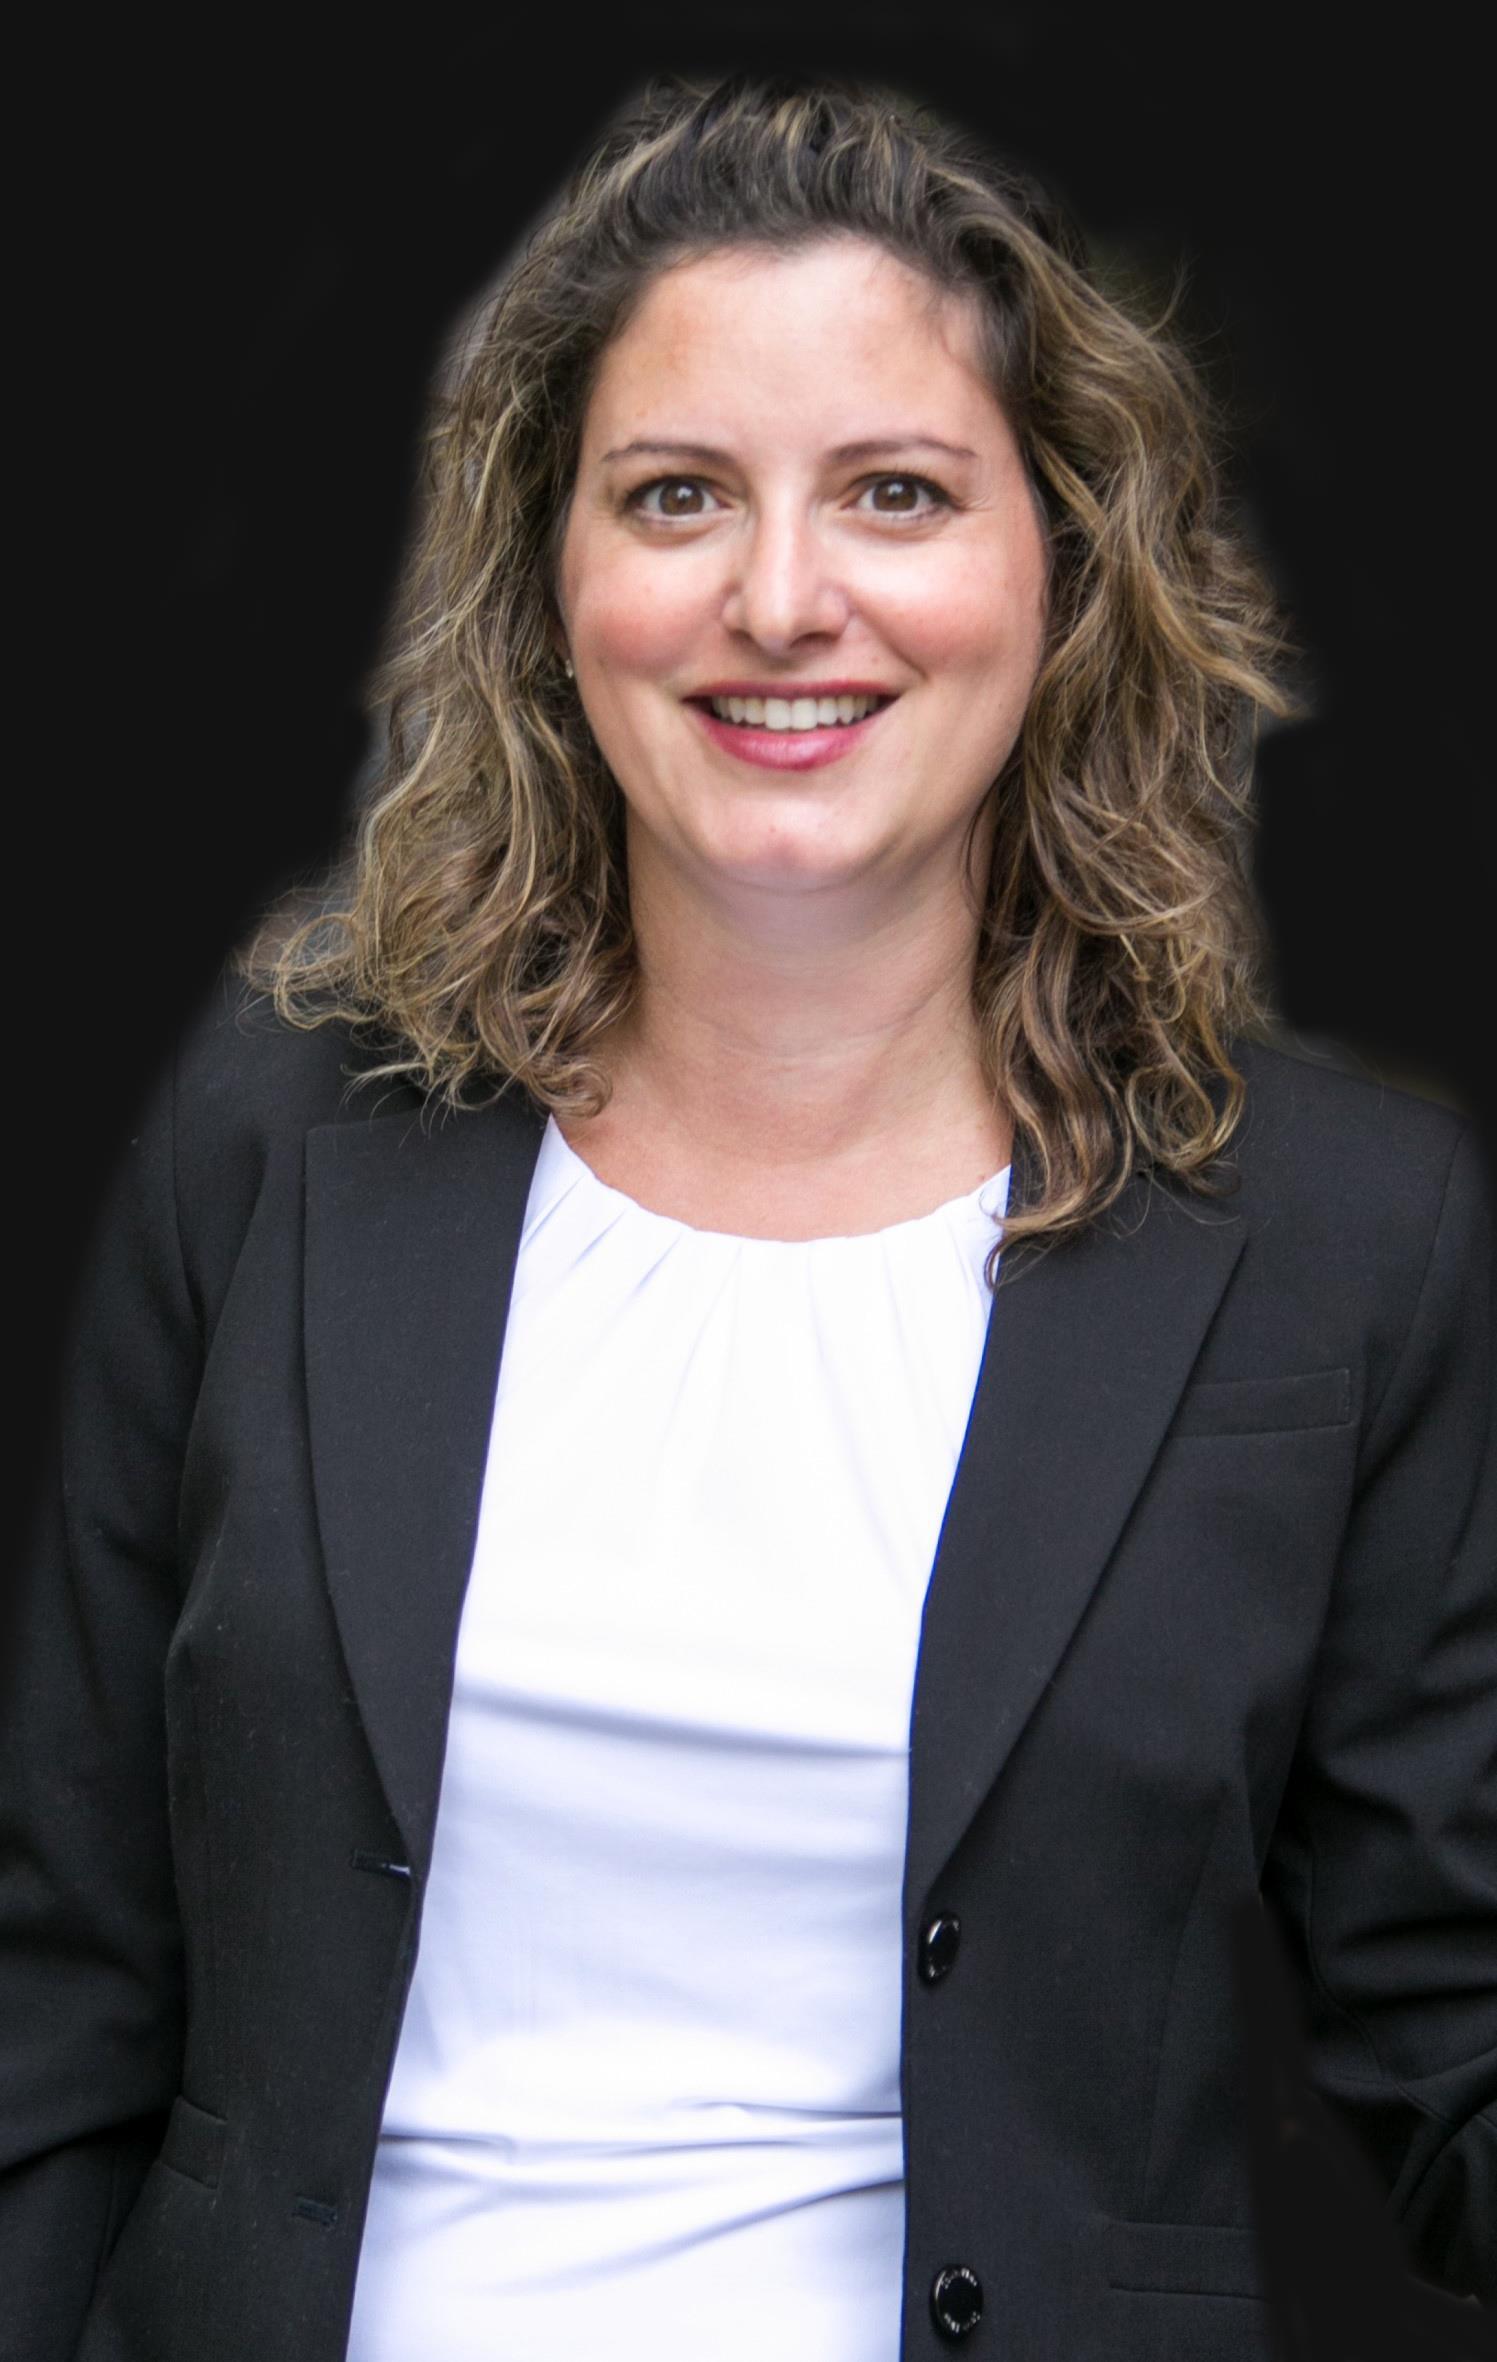 Katherine Petsinis